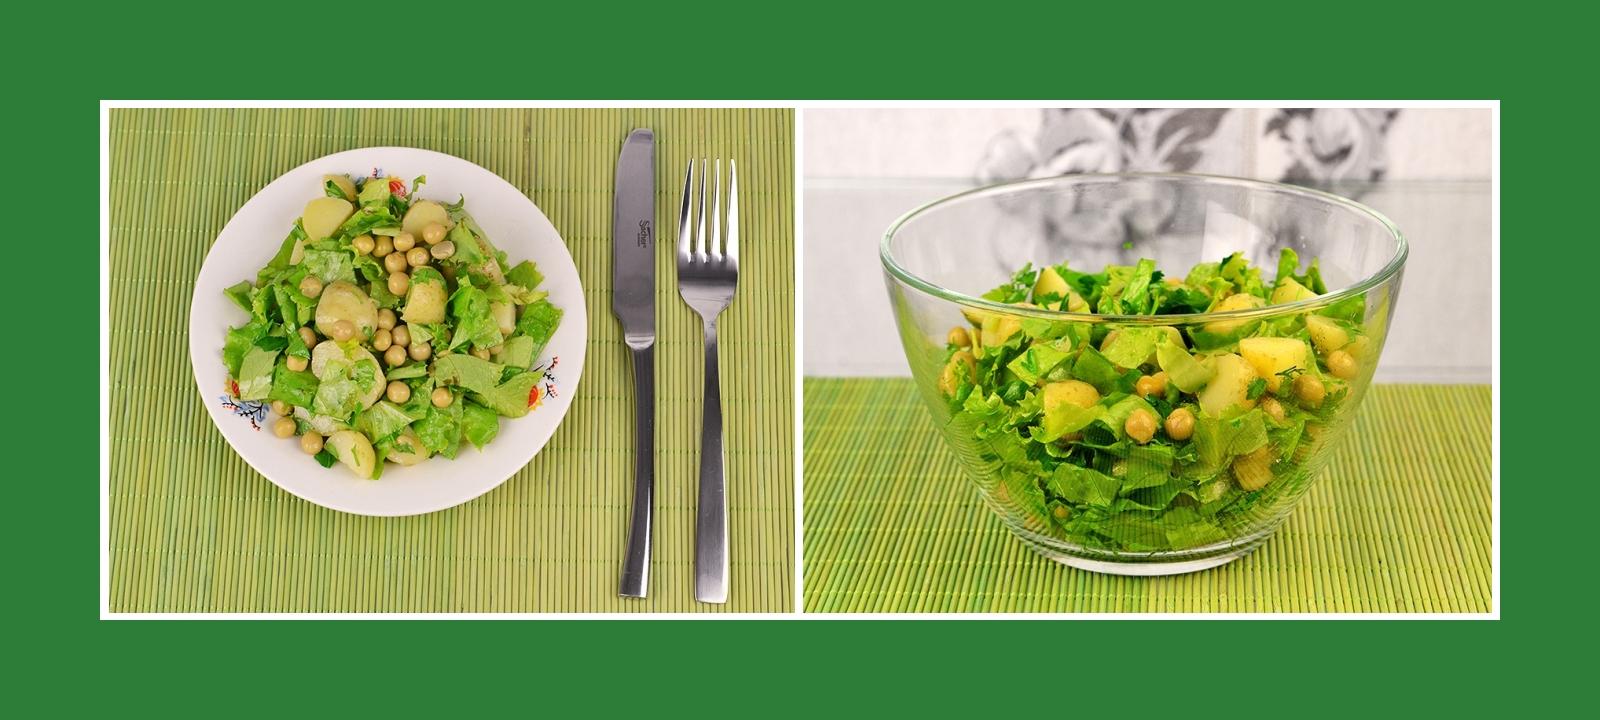 Einfacher und leckerer Salat aus Frühkartoffeln mit Erbsen und Kräutern